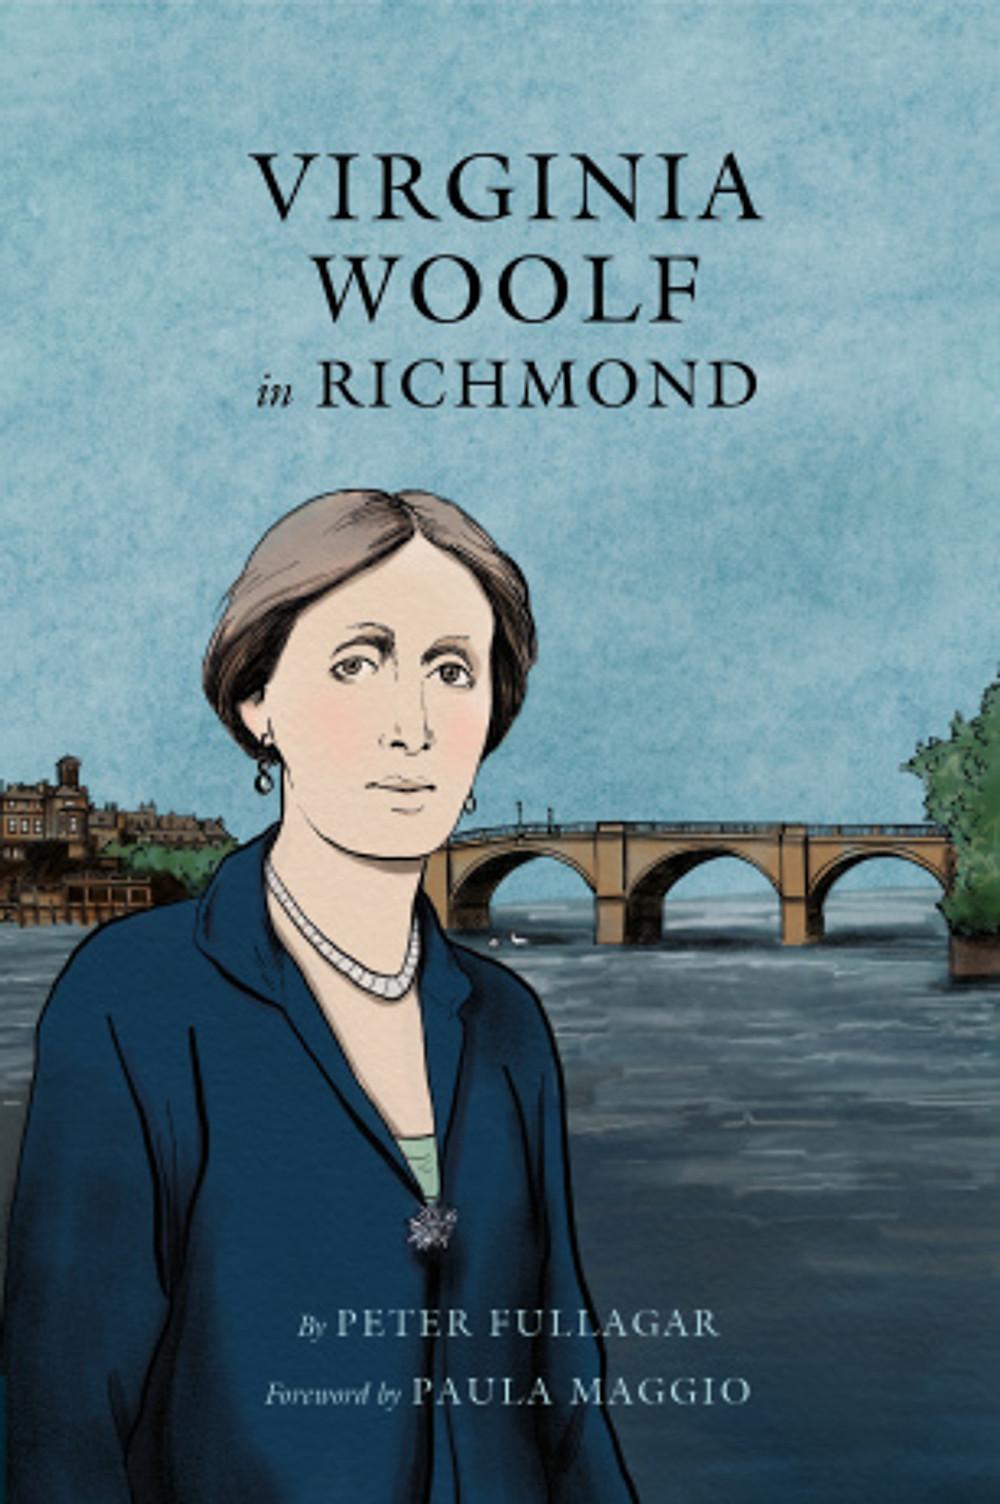 Virginia Woolf in Richmond FRONT